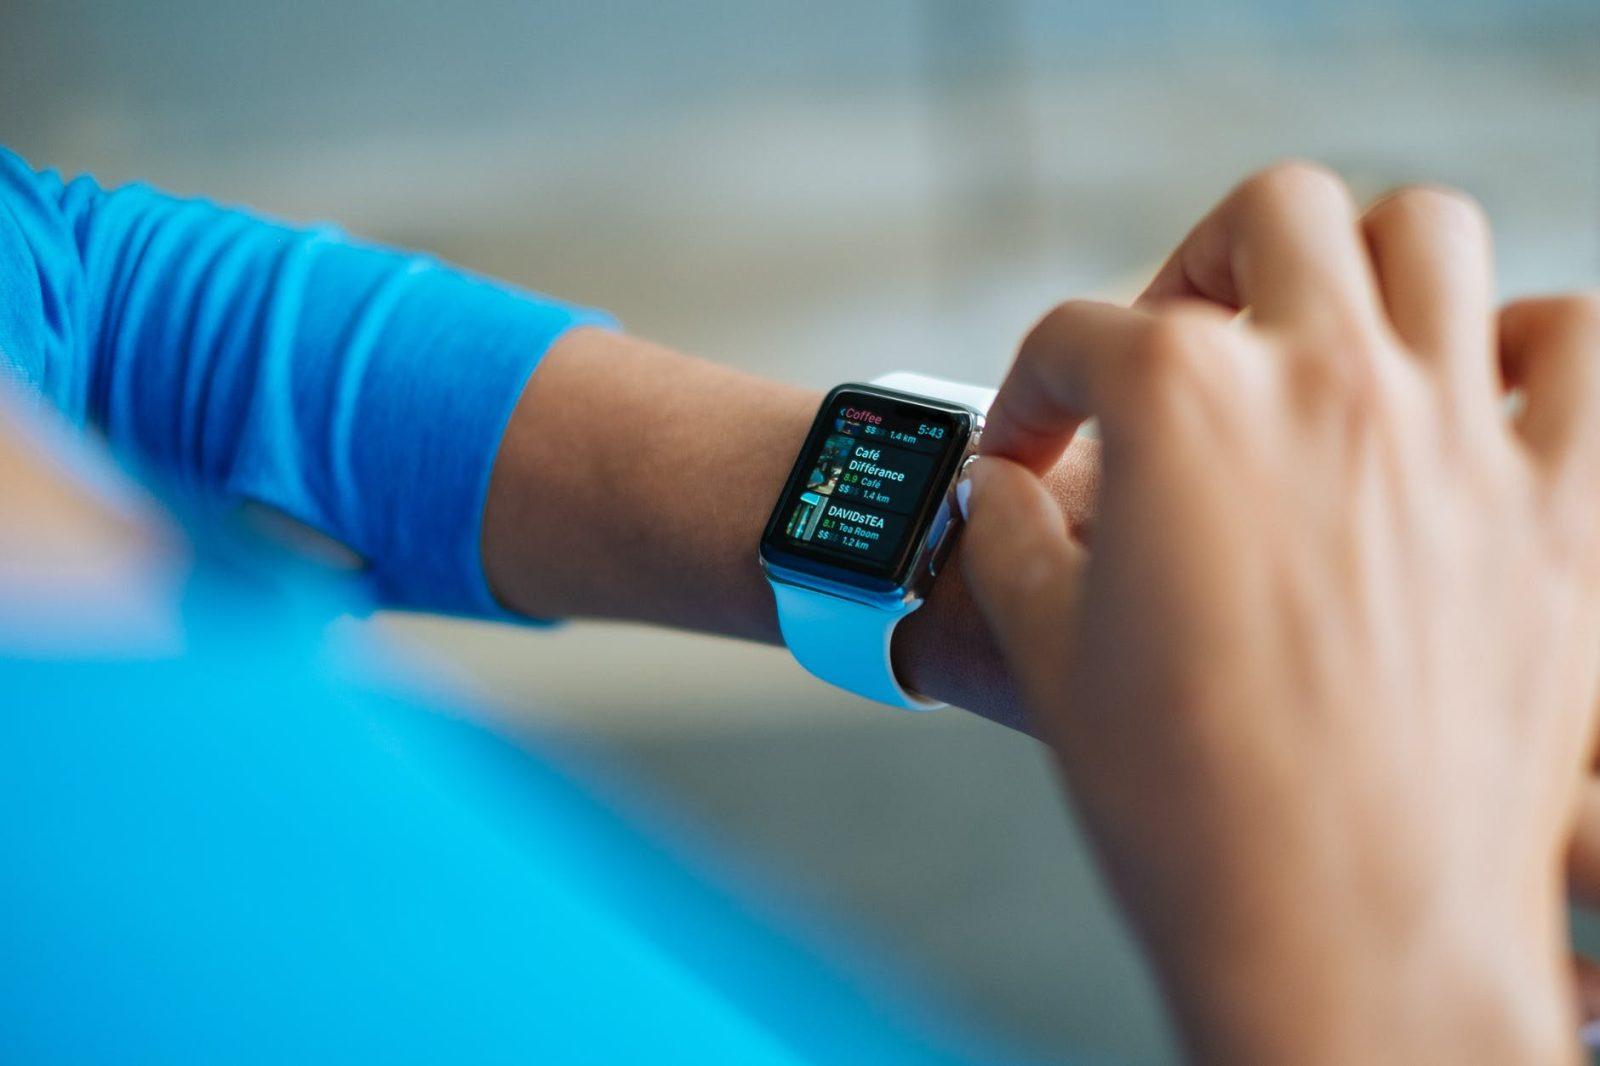 חדש: אפליקציית שטיפת ידיים לשעון החכם של סמסונג גלקסי המספקת תזכורות, טיימר